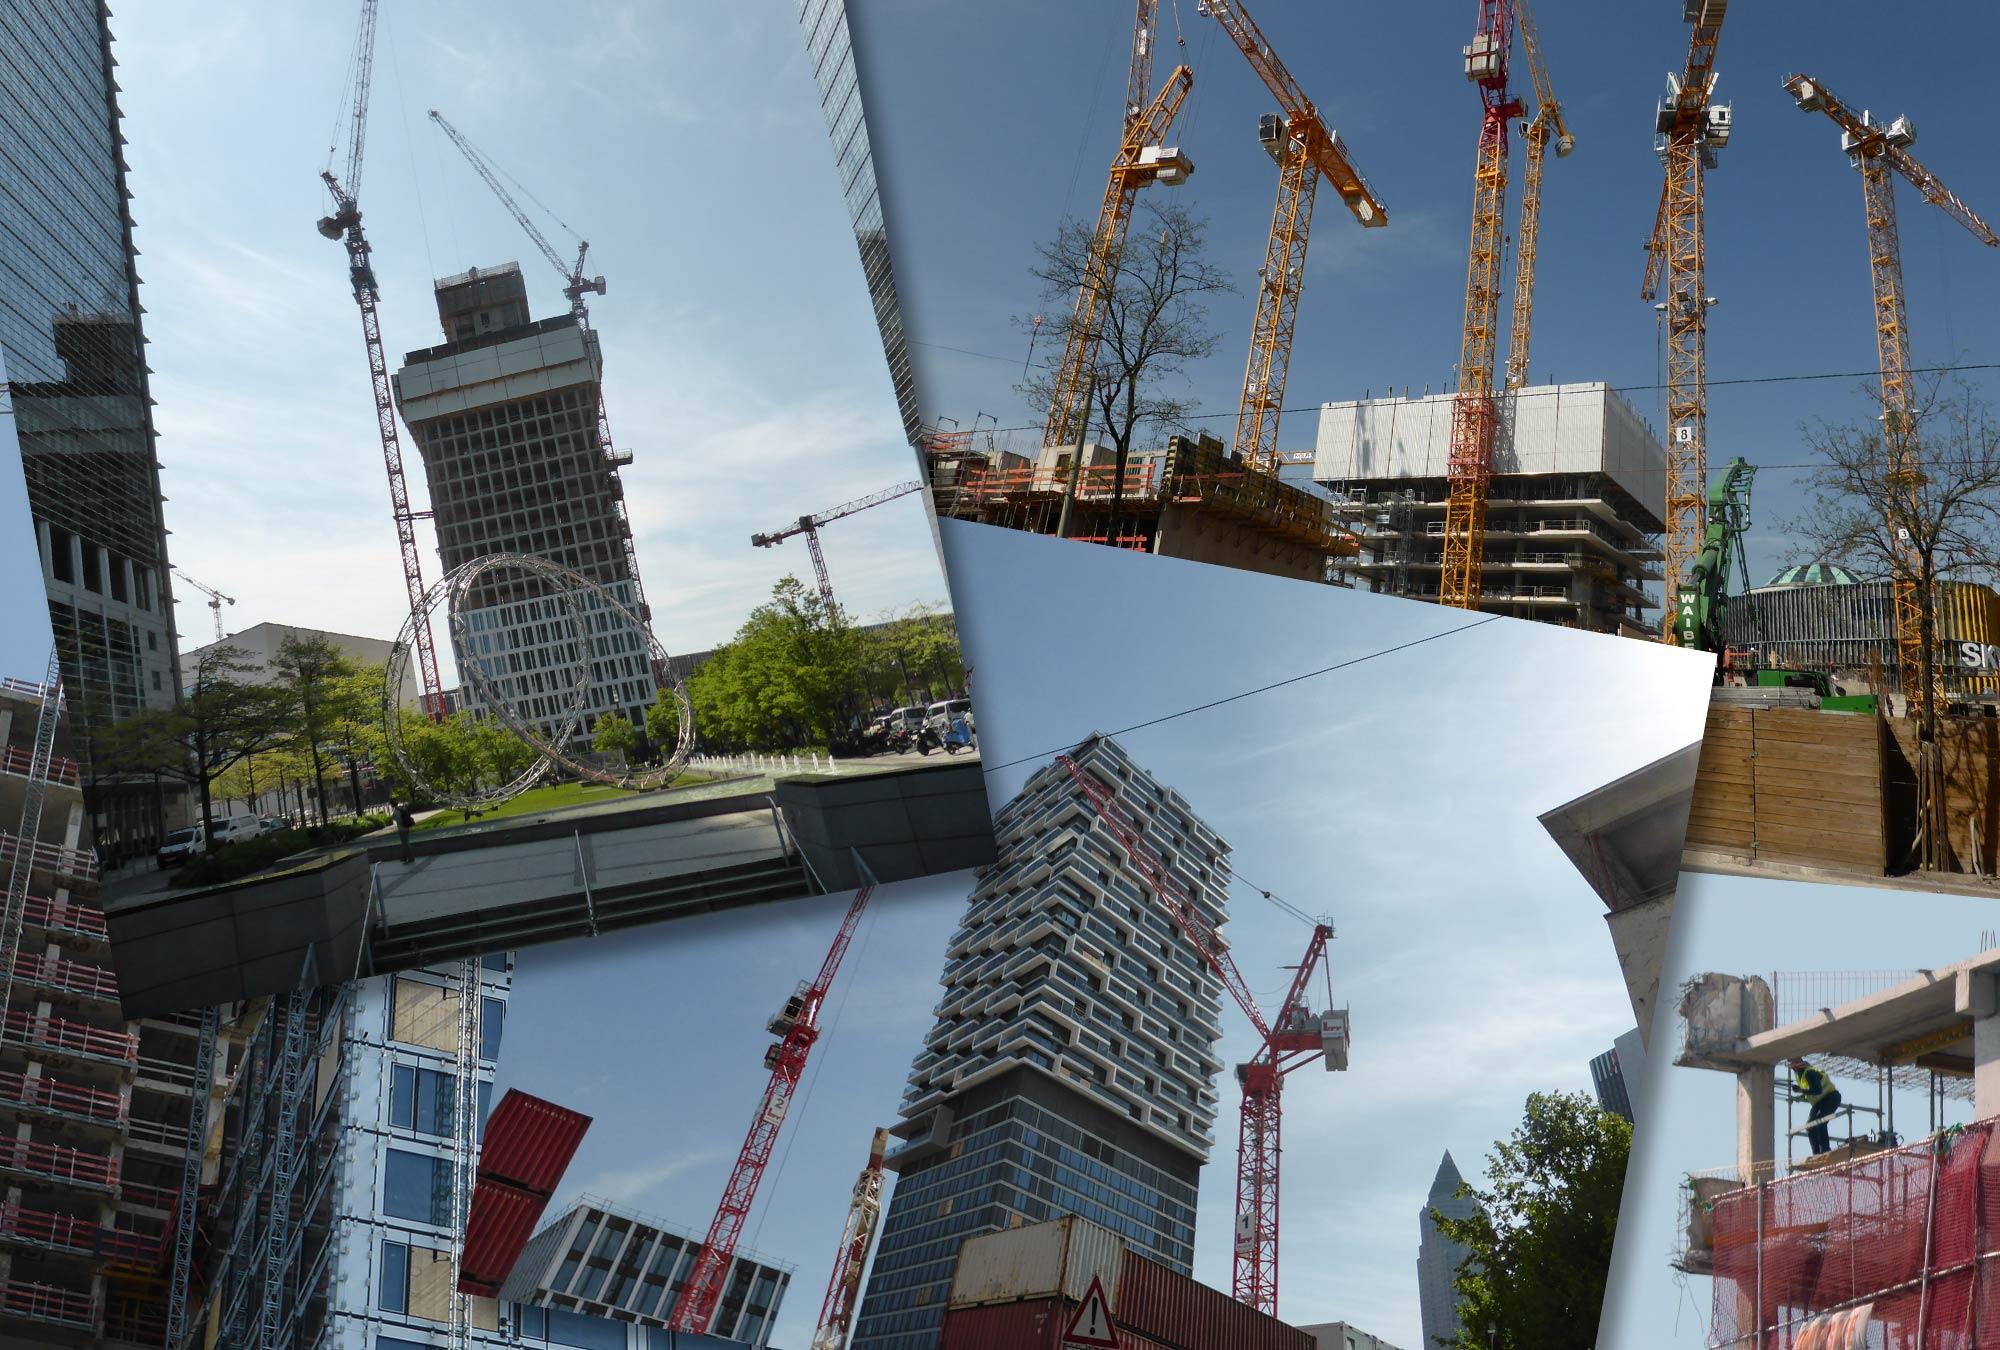 Frankfurt Bautätigkeit Hochhäuser - Hochhausbaustellen Frankfurt - Baufortschritt Wolkenkratzer im April 2020